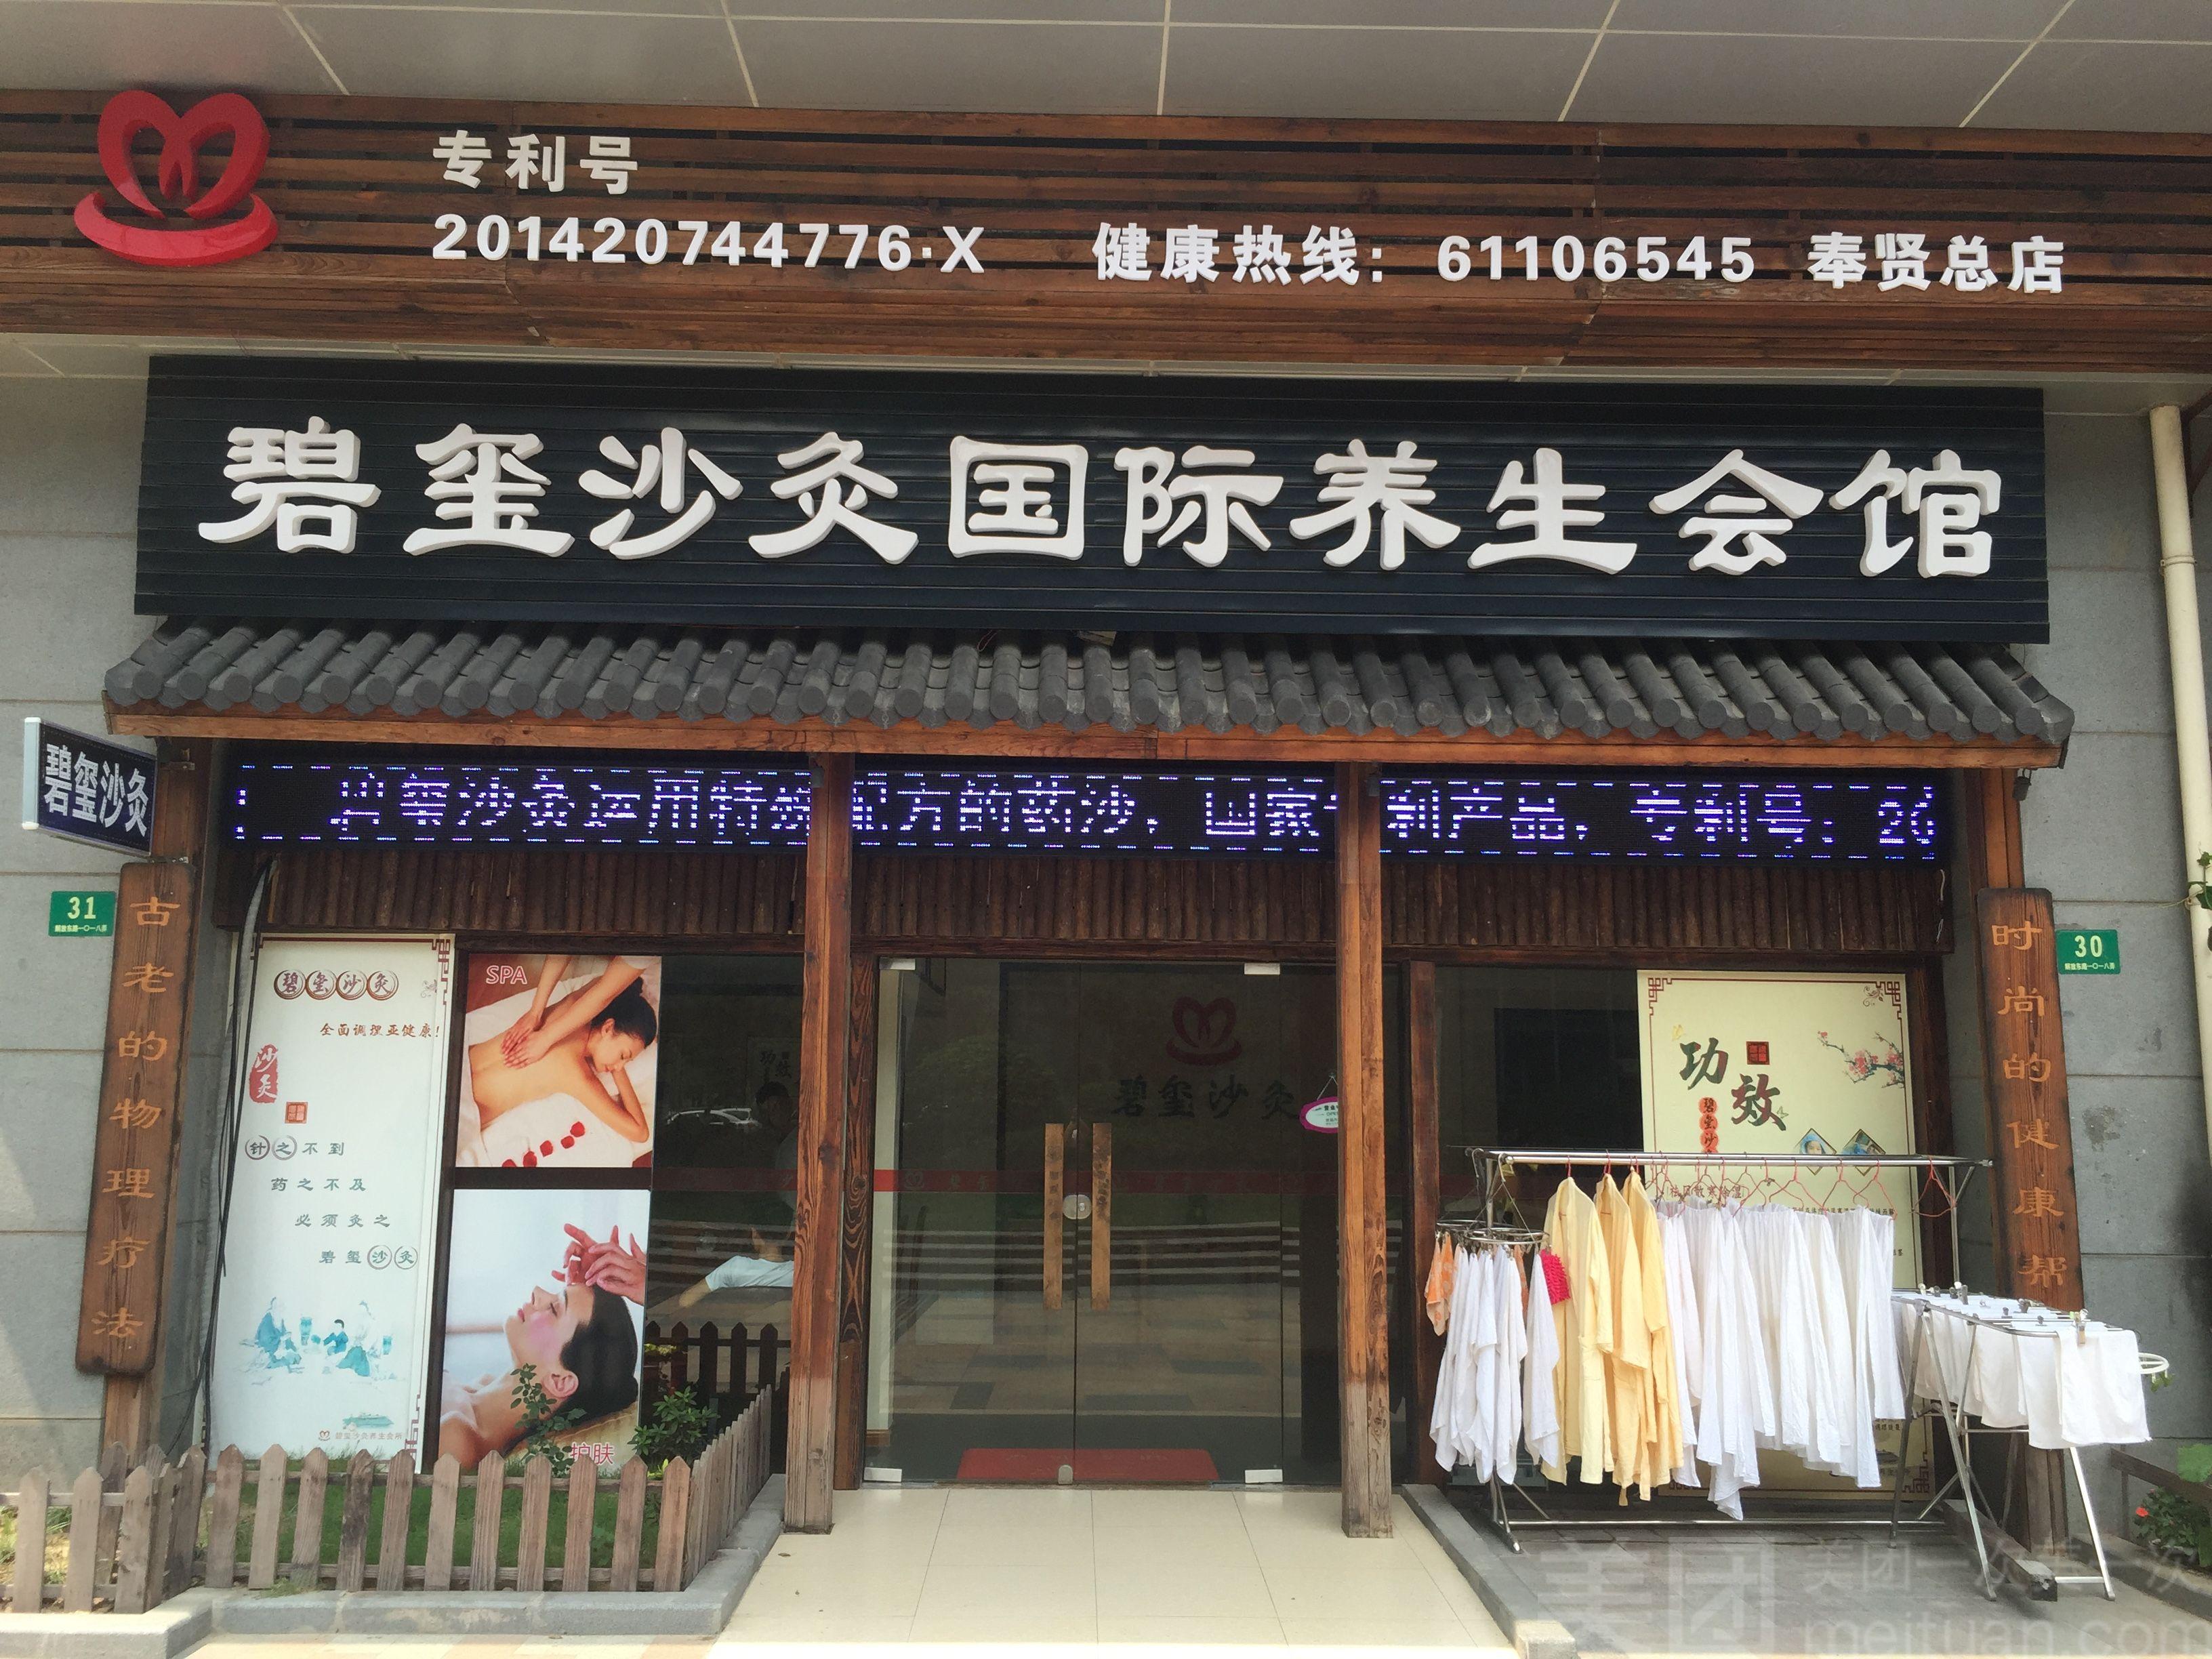 碧玺沙灸国际养生会馆(奉贤总店)-美团